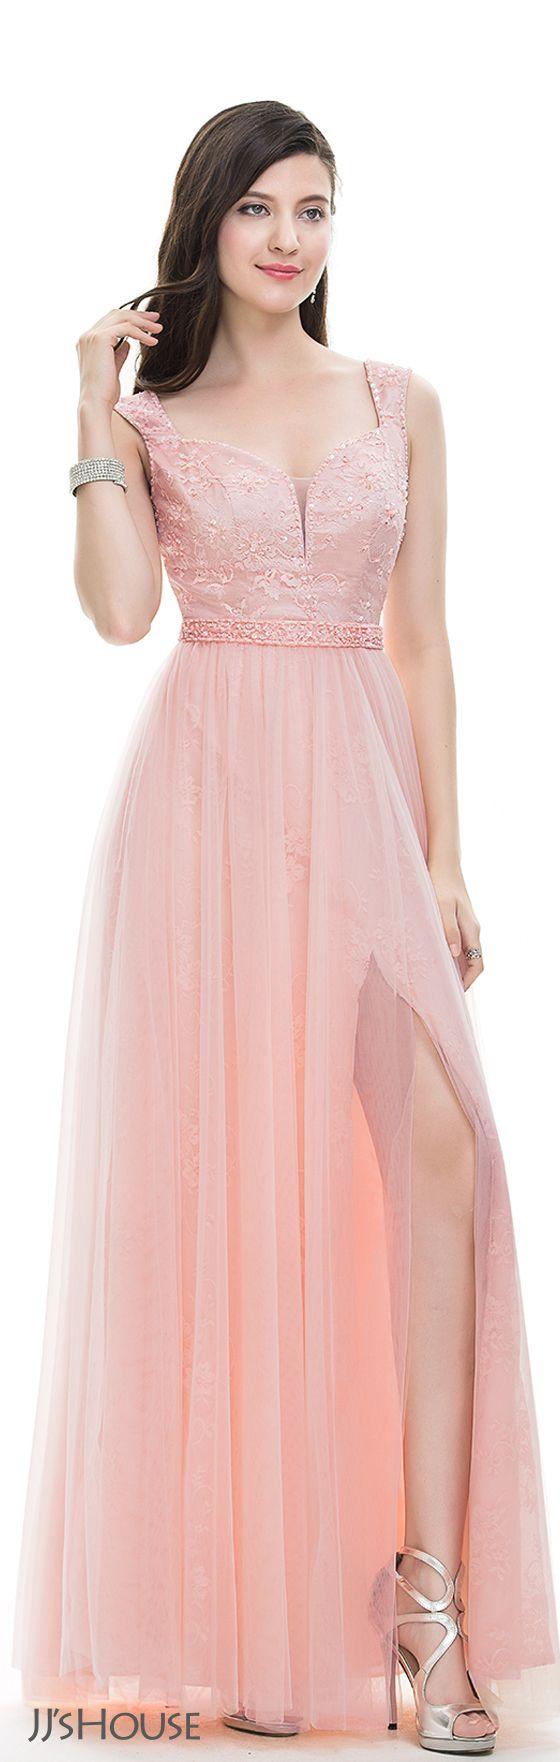 Asombroso Prom Vestidos Lindos Para Octavo Grado Regalo - Colección ...